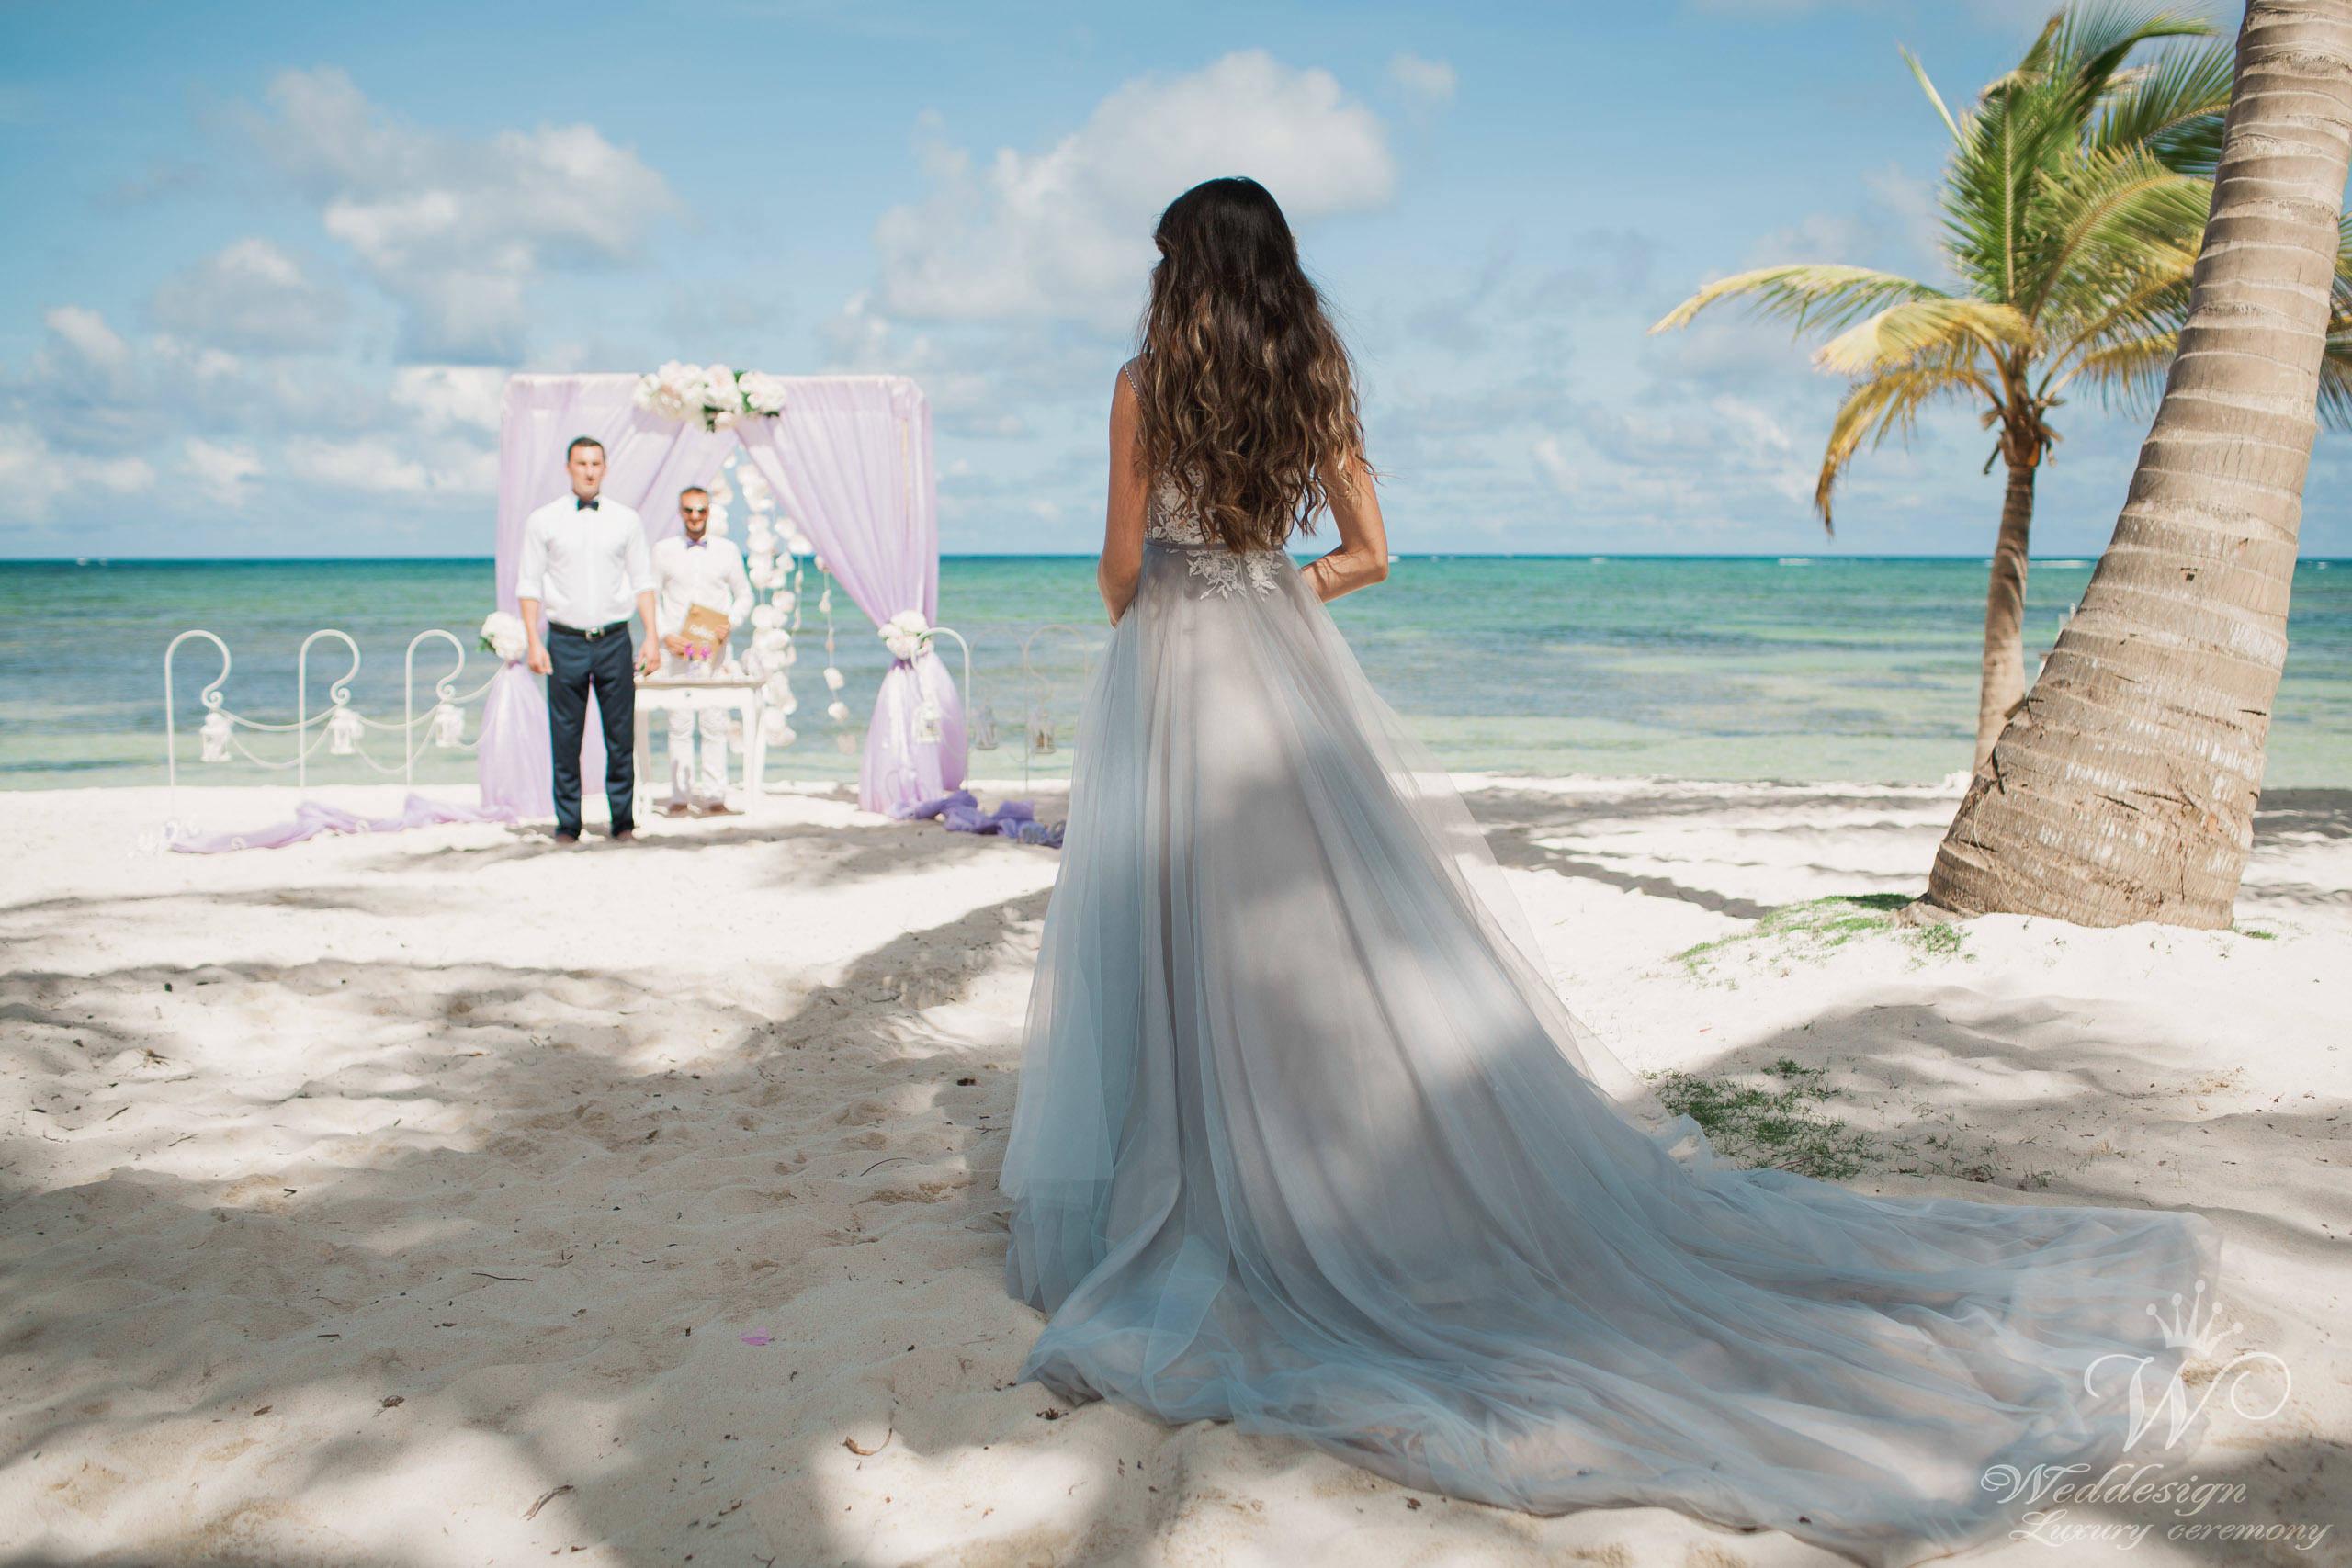 Пляжная свадьба на берегу океана: какое платье подобрать?